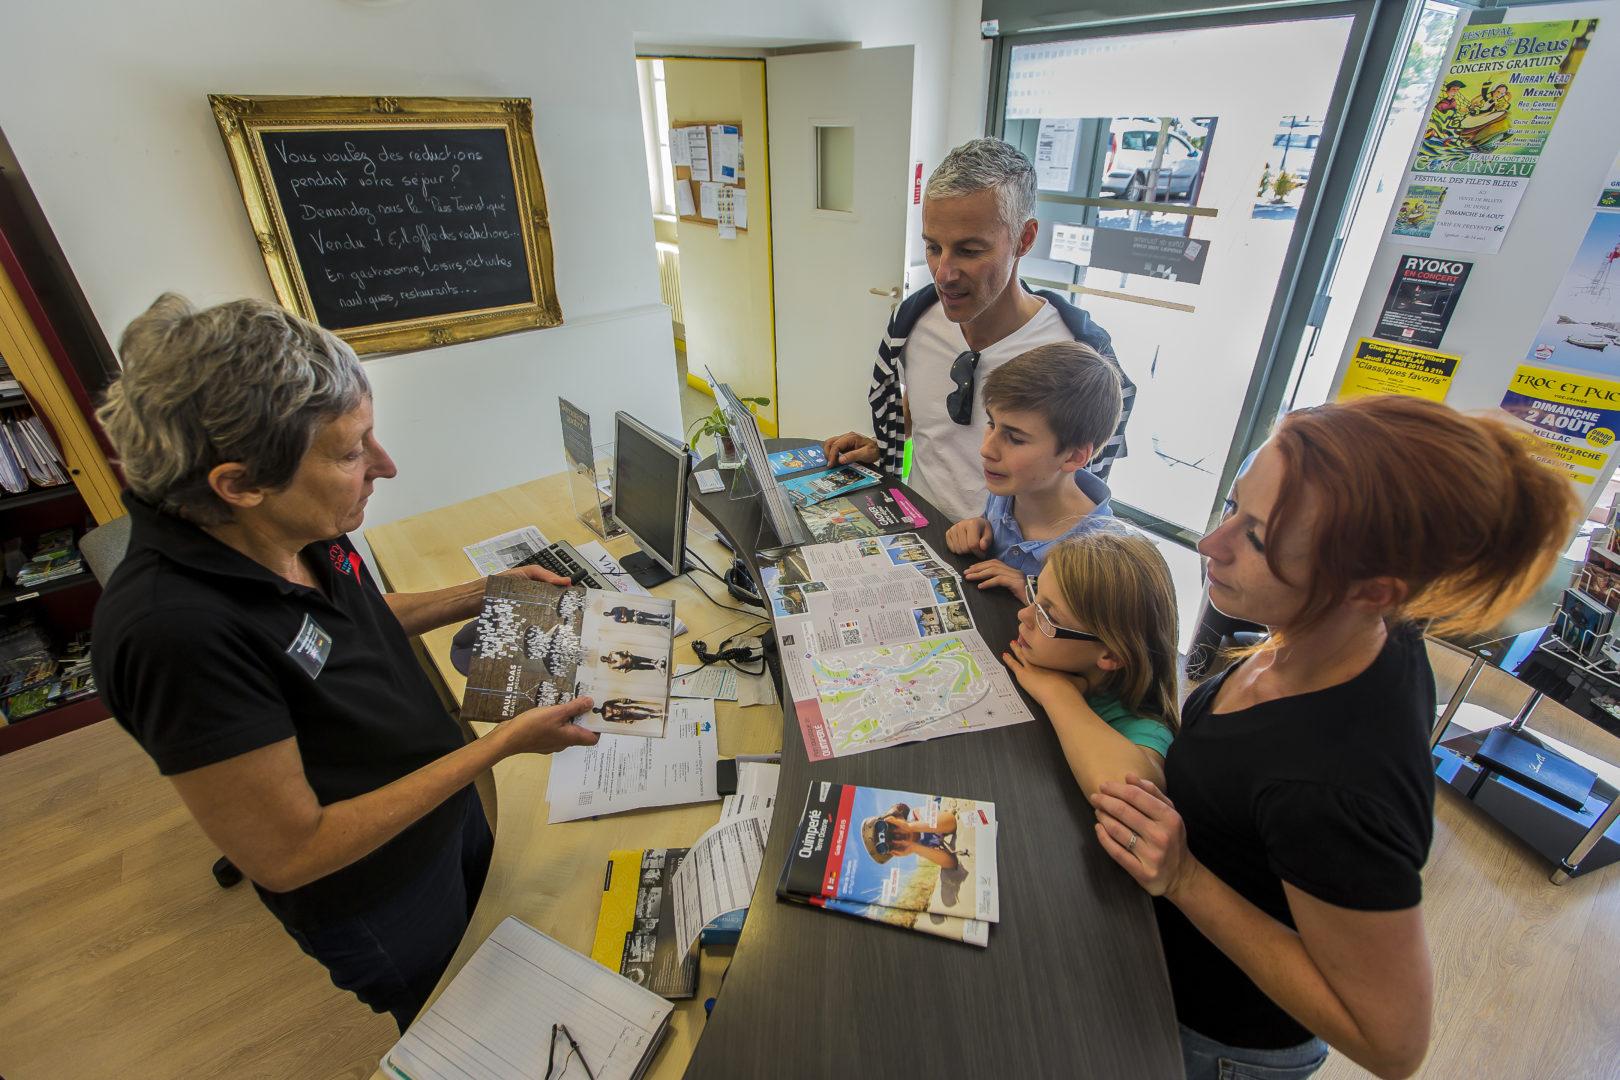 crtb ac9880 DERENNES Yannick - Nos Offices de Tourisme